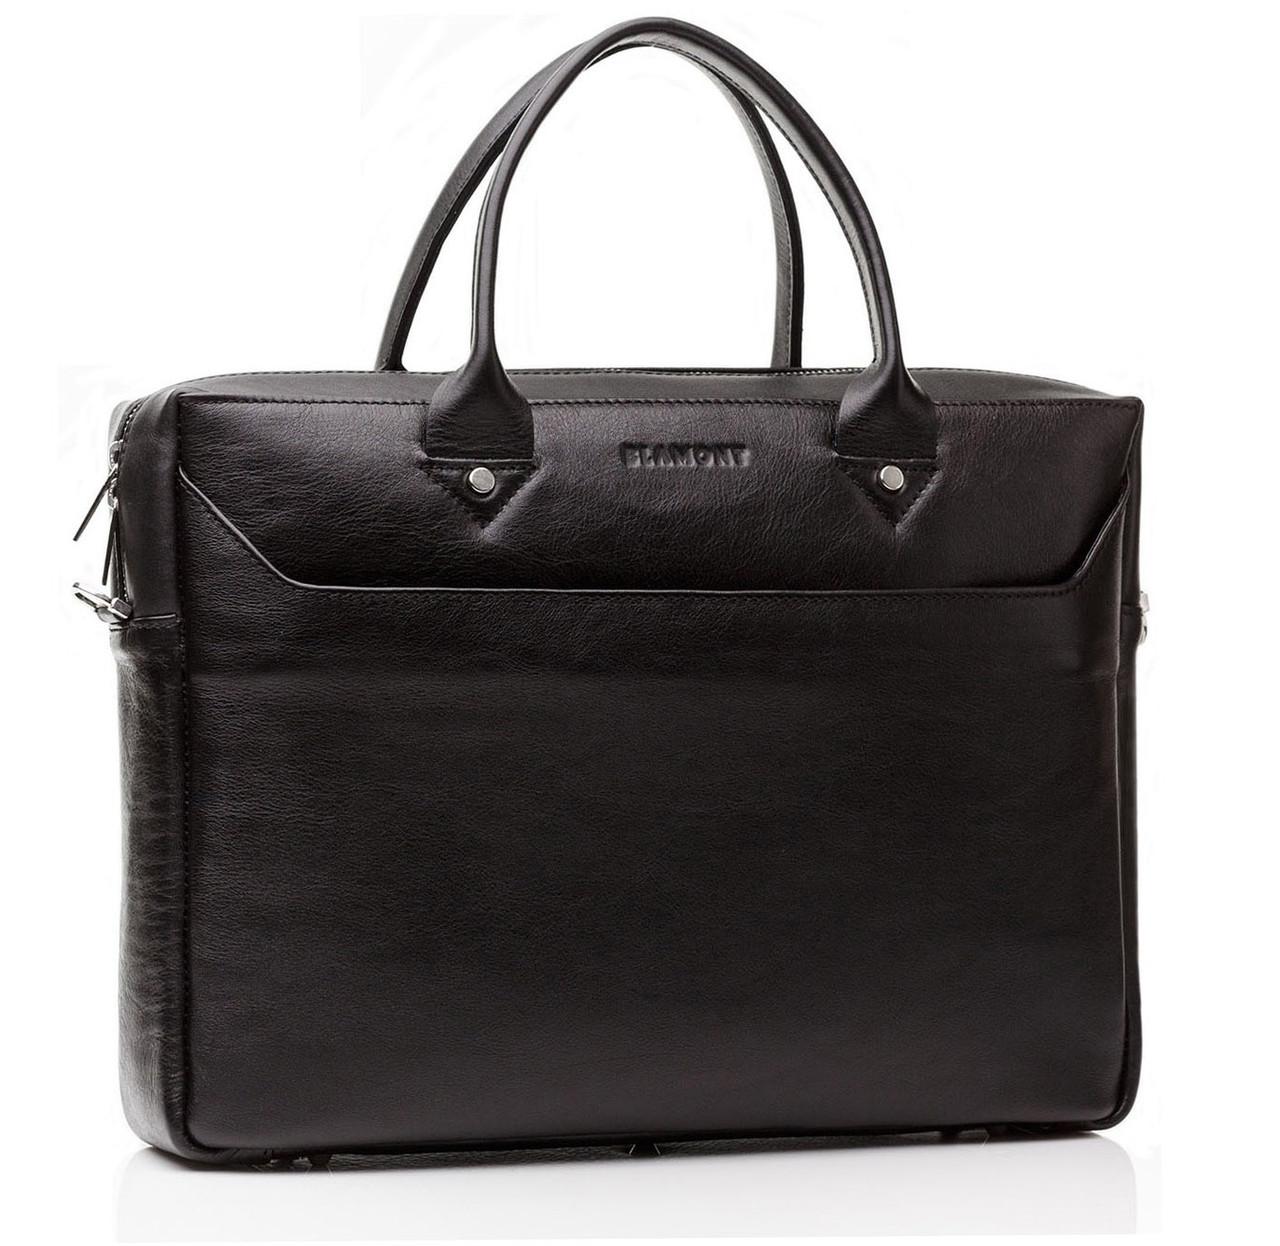 Мужская сумка для документов с отделом для ноутбука и наплечным ремнем Blamont (Bn024A)